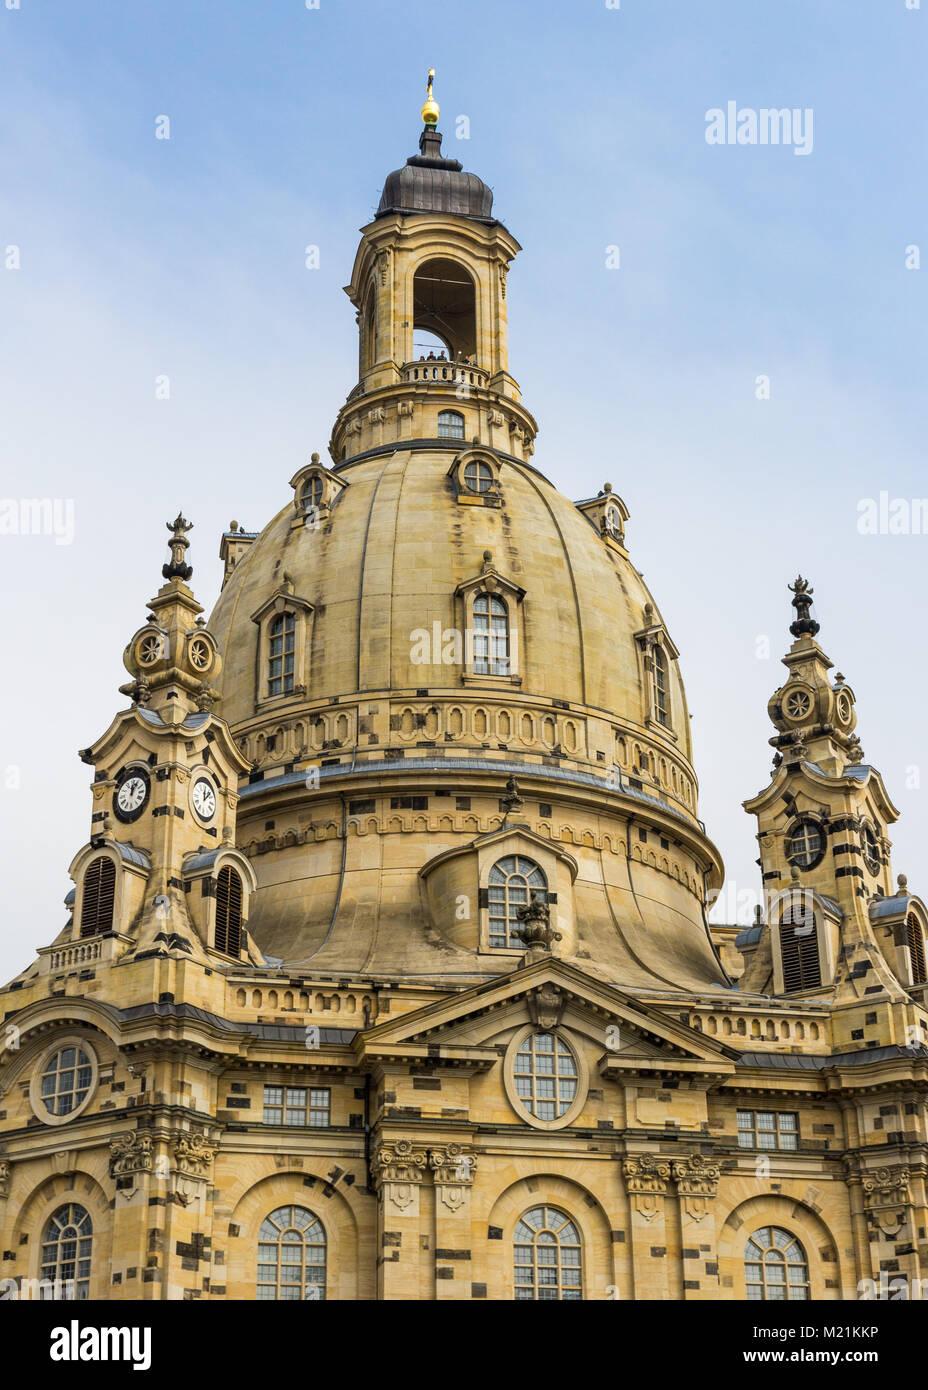 Dans l'église Frauenkirche Dresden Sachsen, heure avancée de l'Allemagne Photo Stock